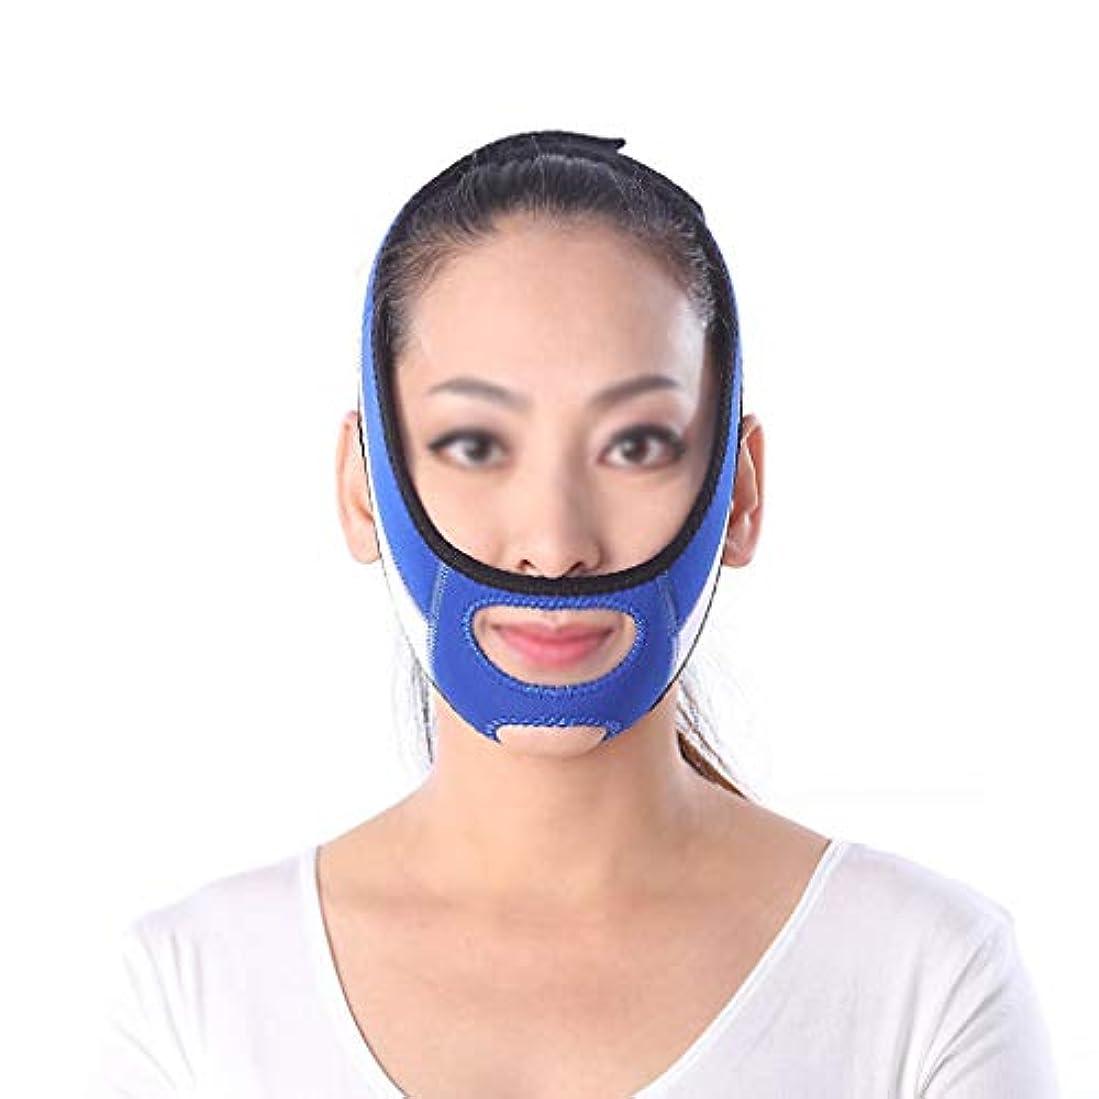 人工こねるブラジャーフェイスリフティング包帯、フェイスリフティングマスク、フェイスリフティング器具、二重あごケア減量、フェイシャルリフティングストラップ(フリーサイズ、ブルー)